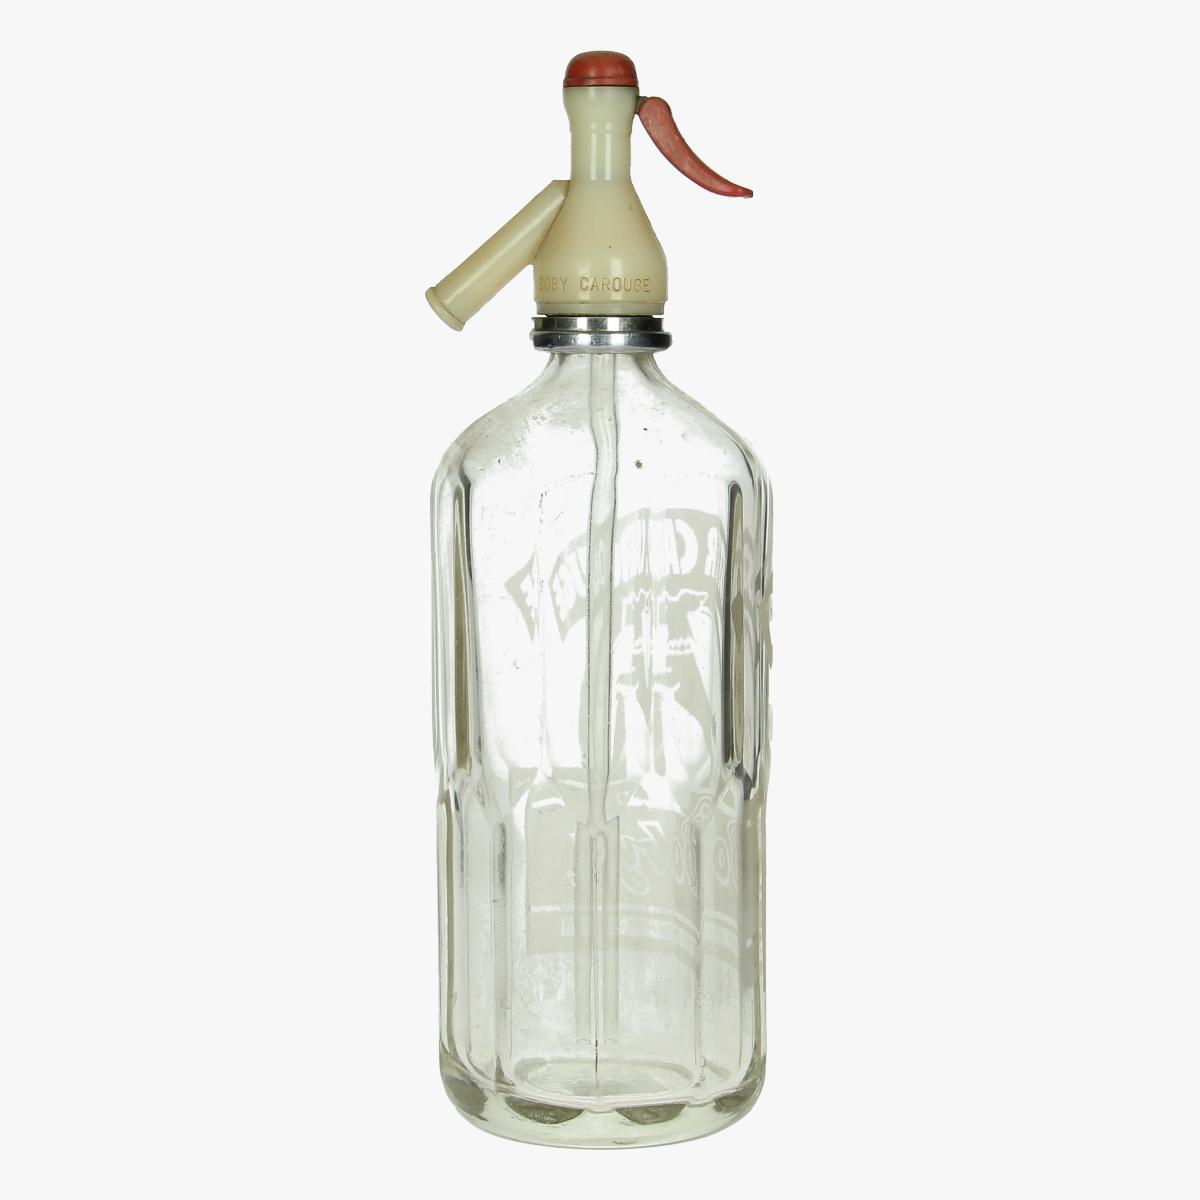 Afbeeldingen van oude soda fles pfister carouge Boby